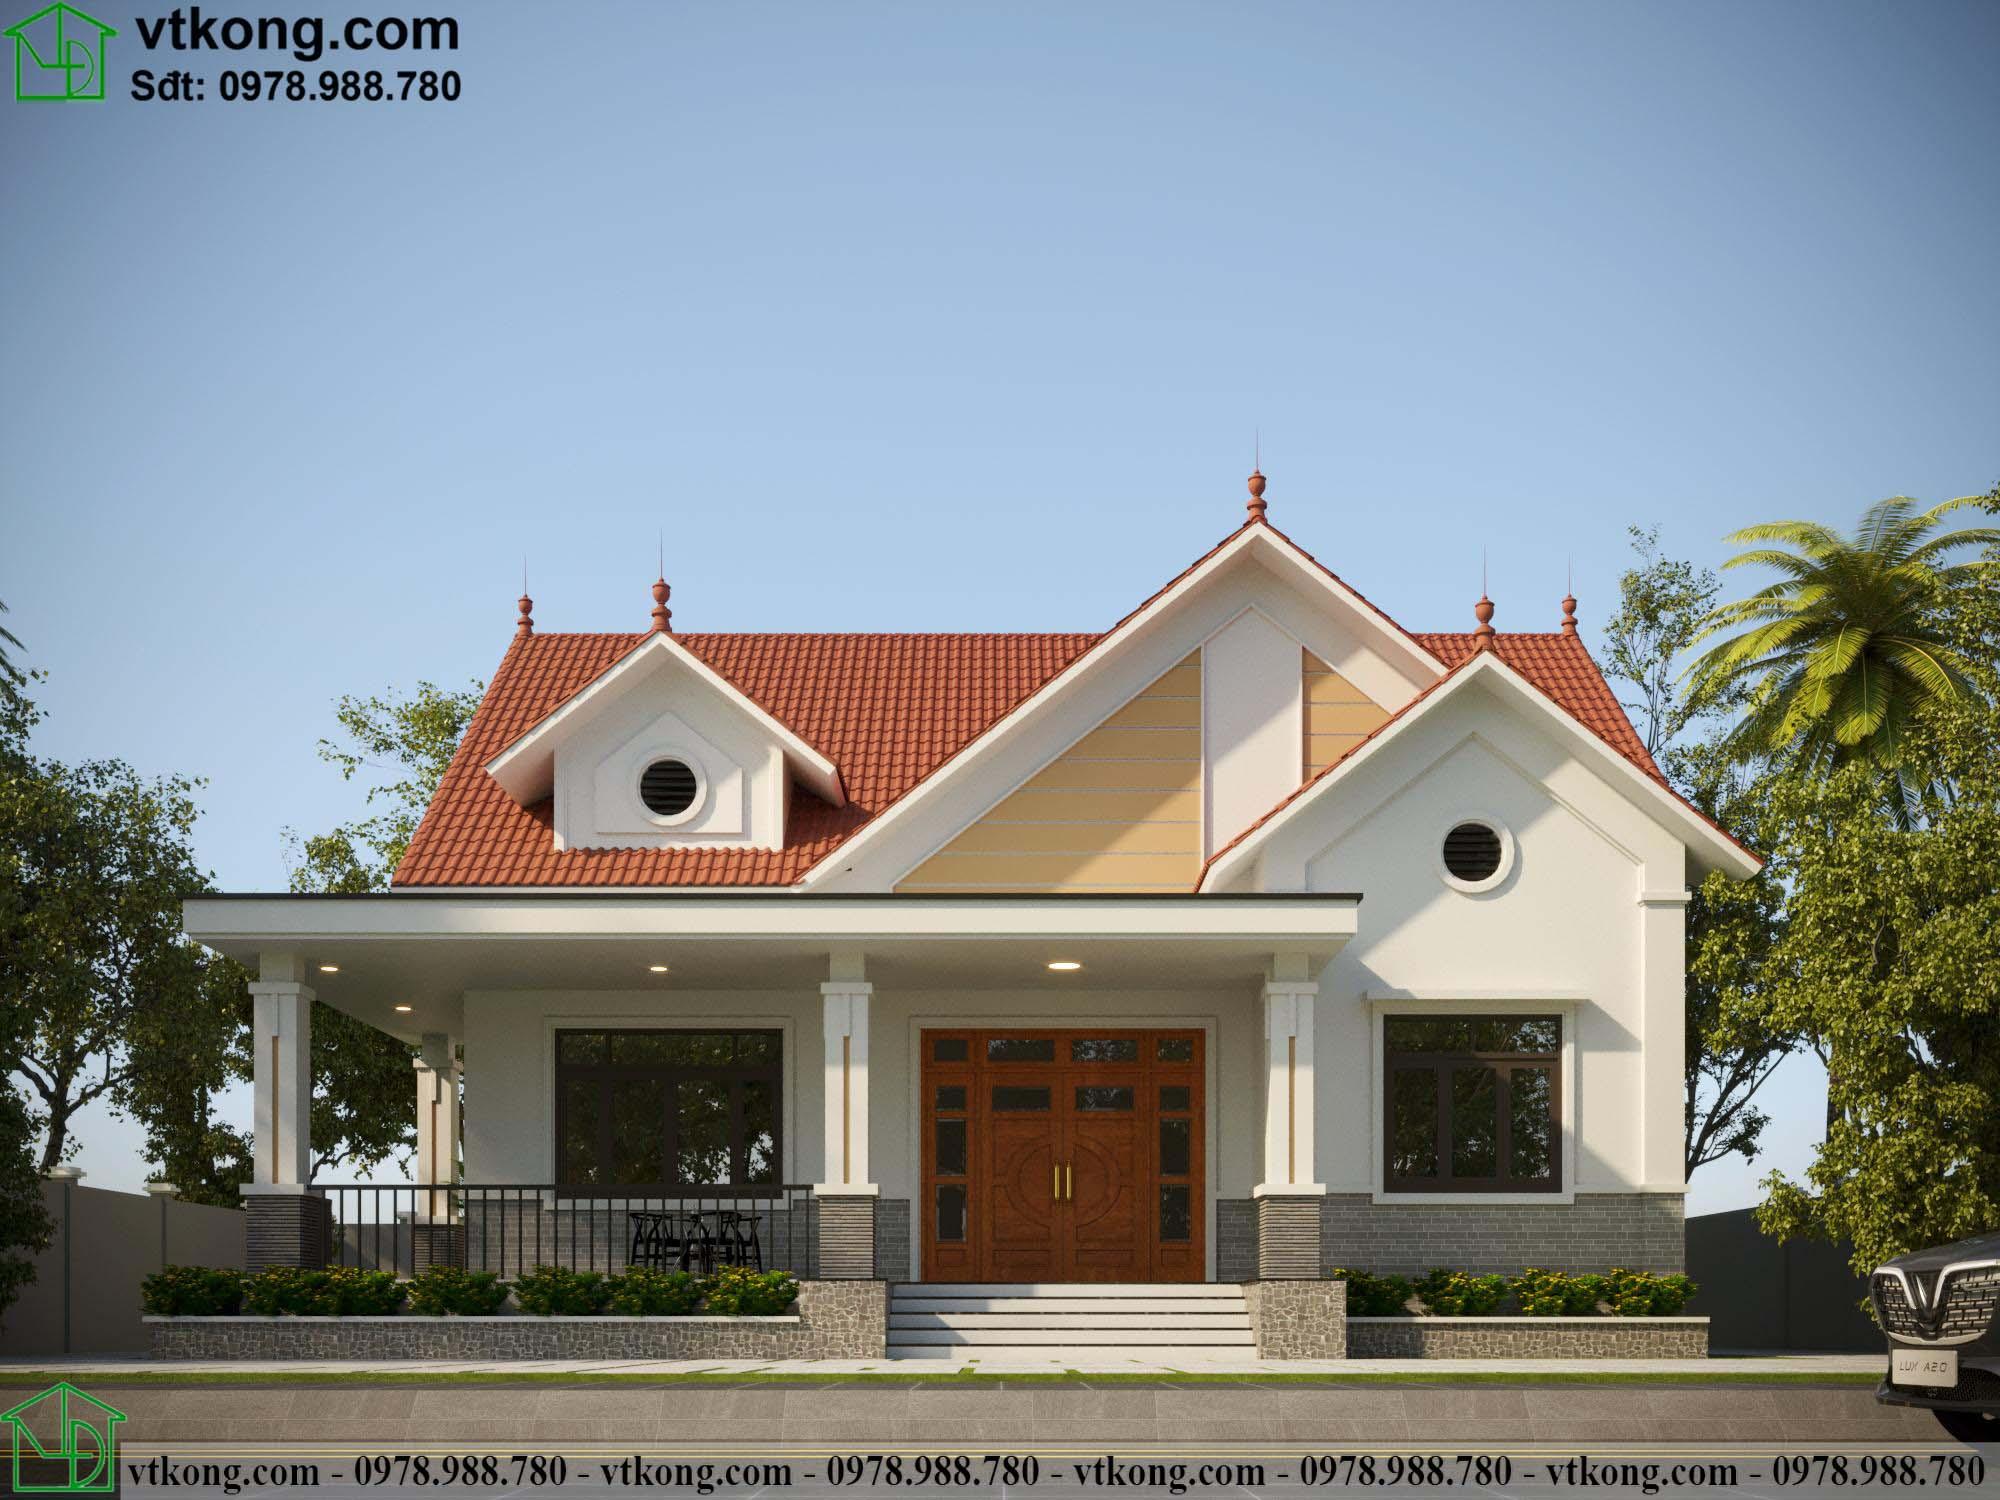 Nhà cấp 4 mái thái 14x12m tại Lạng Sơn NC497